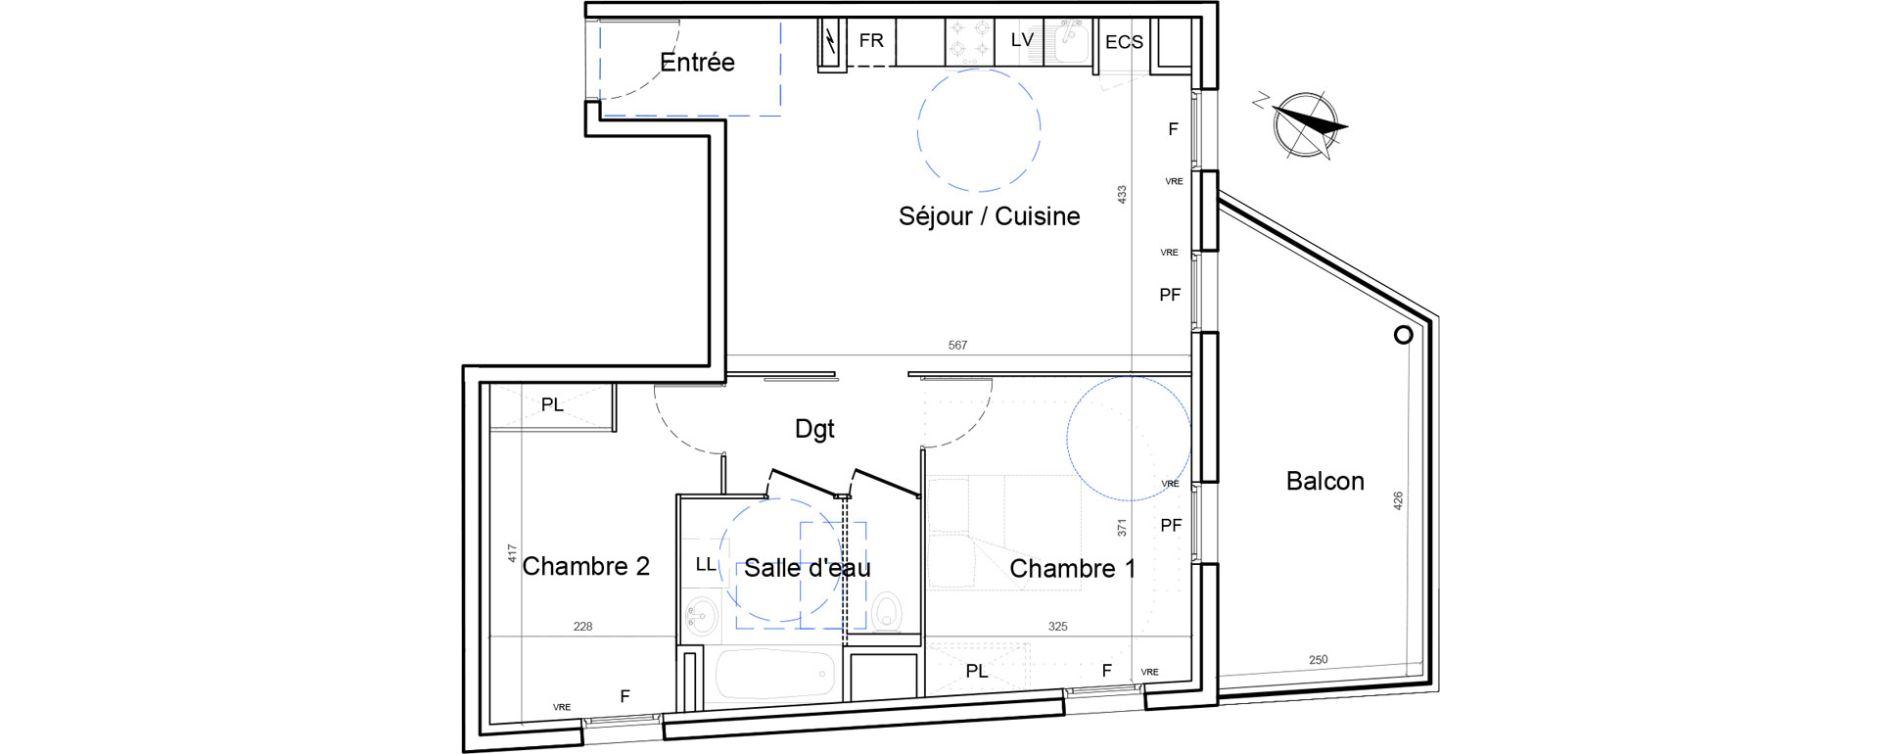 Appartement T3 de 58,18 m2 à Montpellier Lemasson